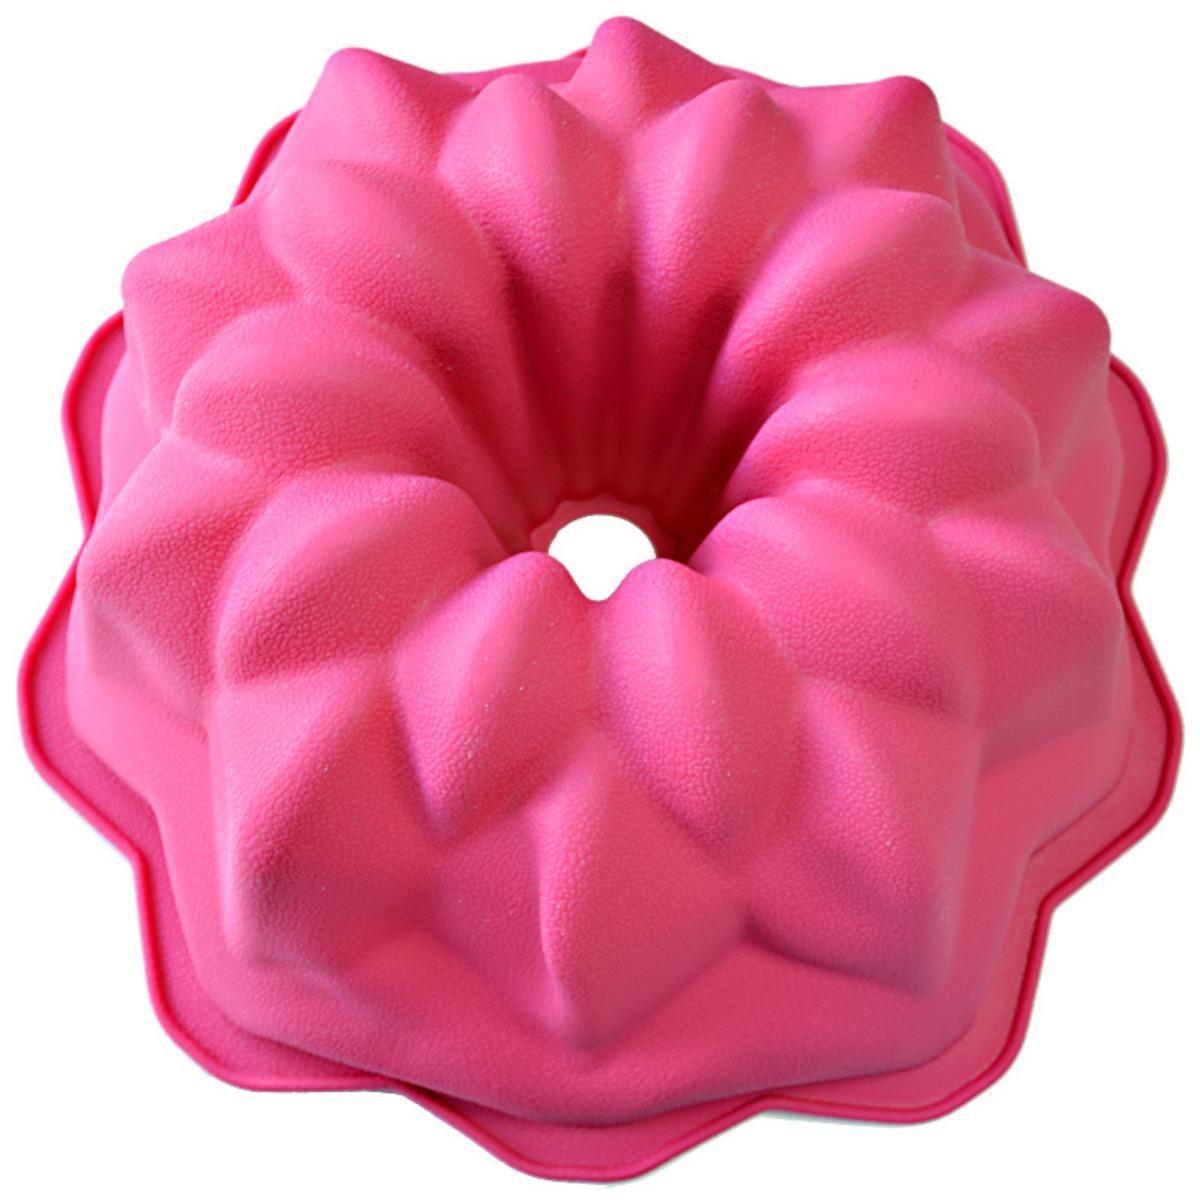 Форма для выпечки Marvel, цвет: розовый, диаметр 27 см4123